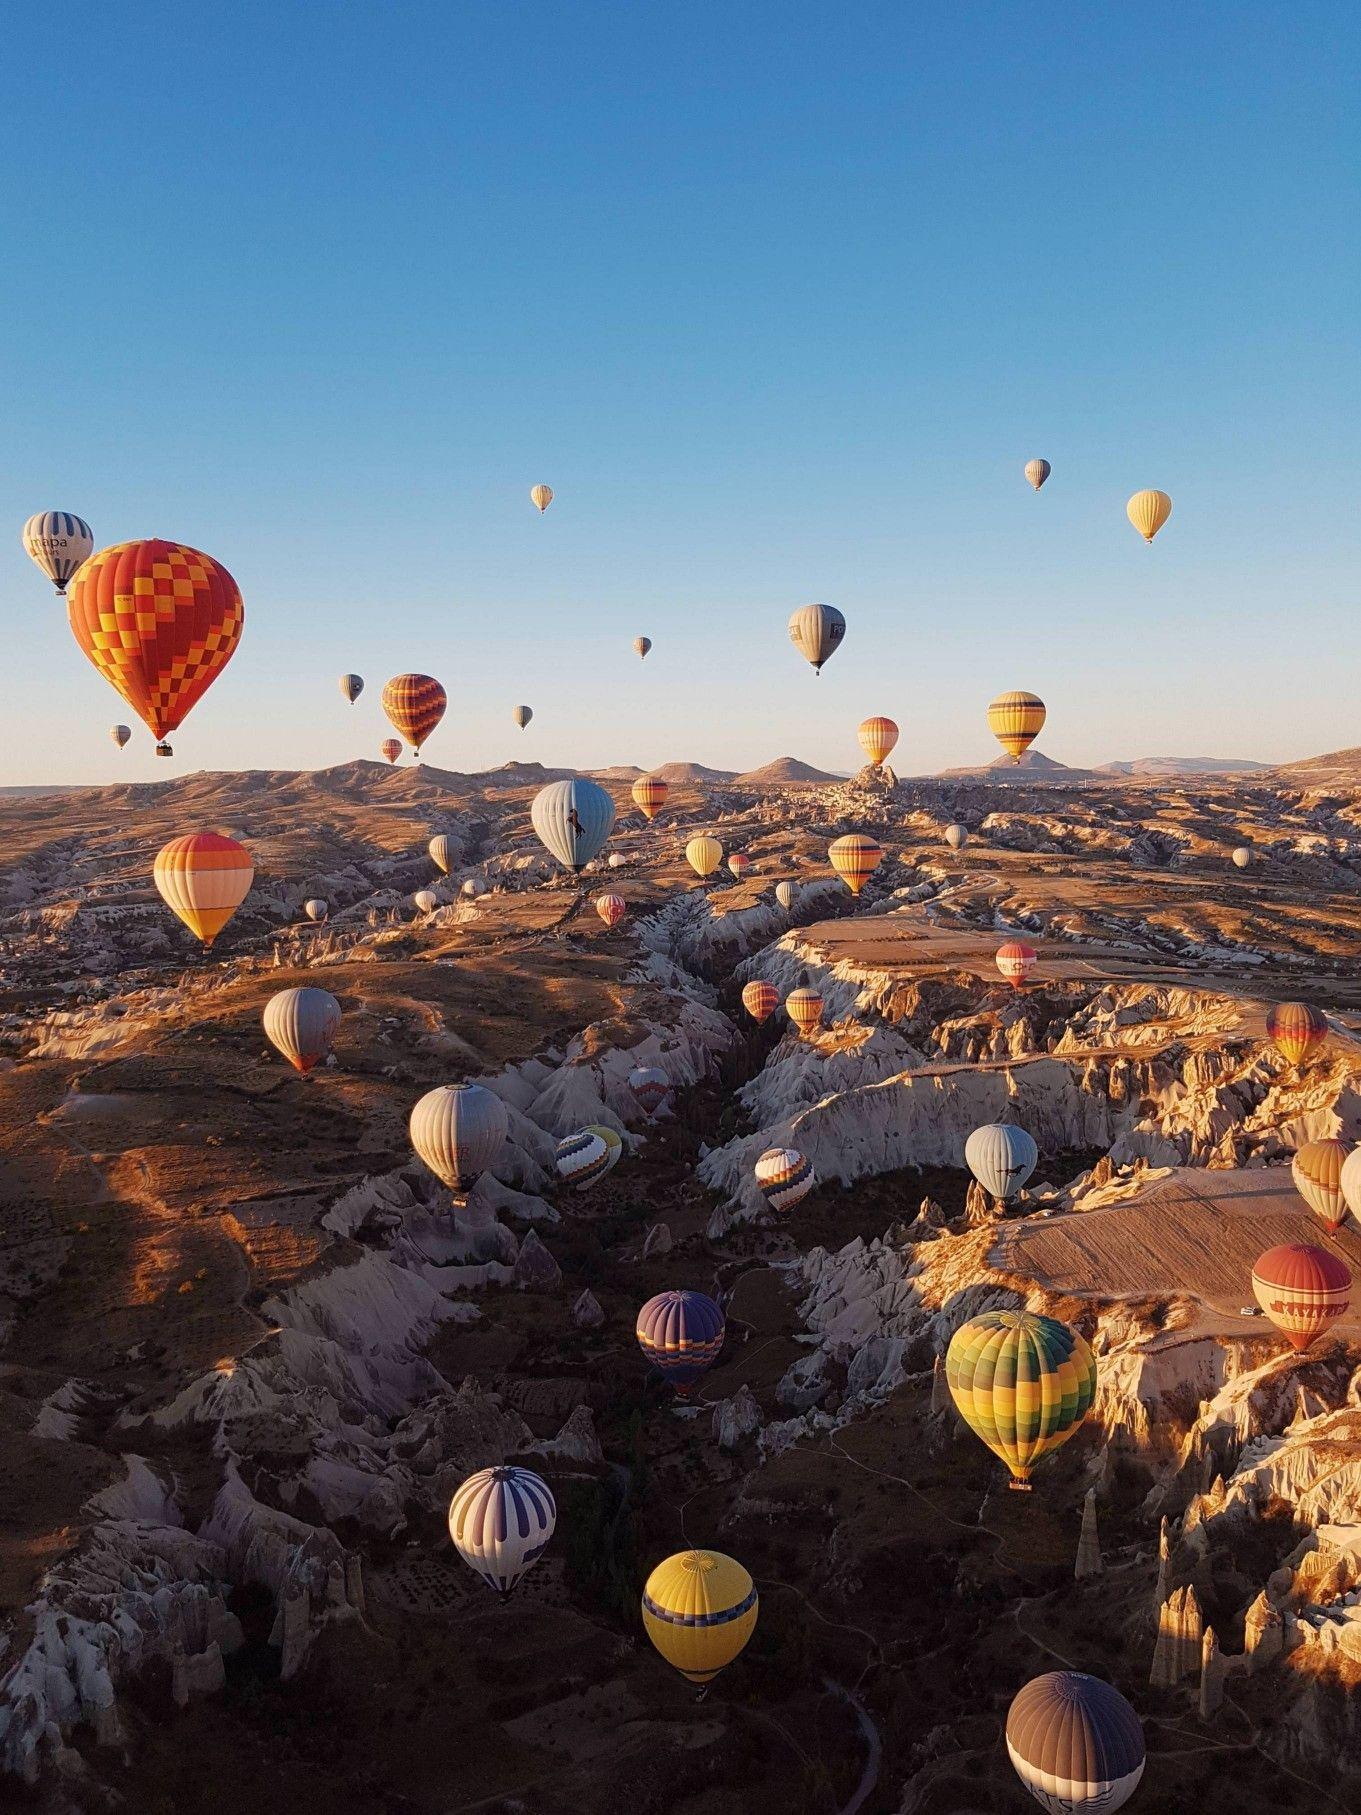 Air balloon ride in Göreme, Turkey Air balloon rides